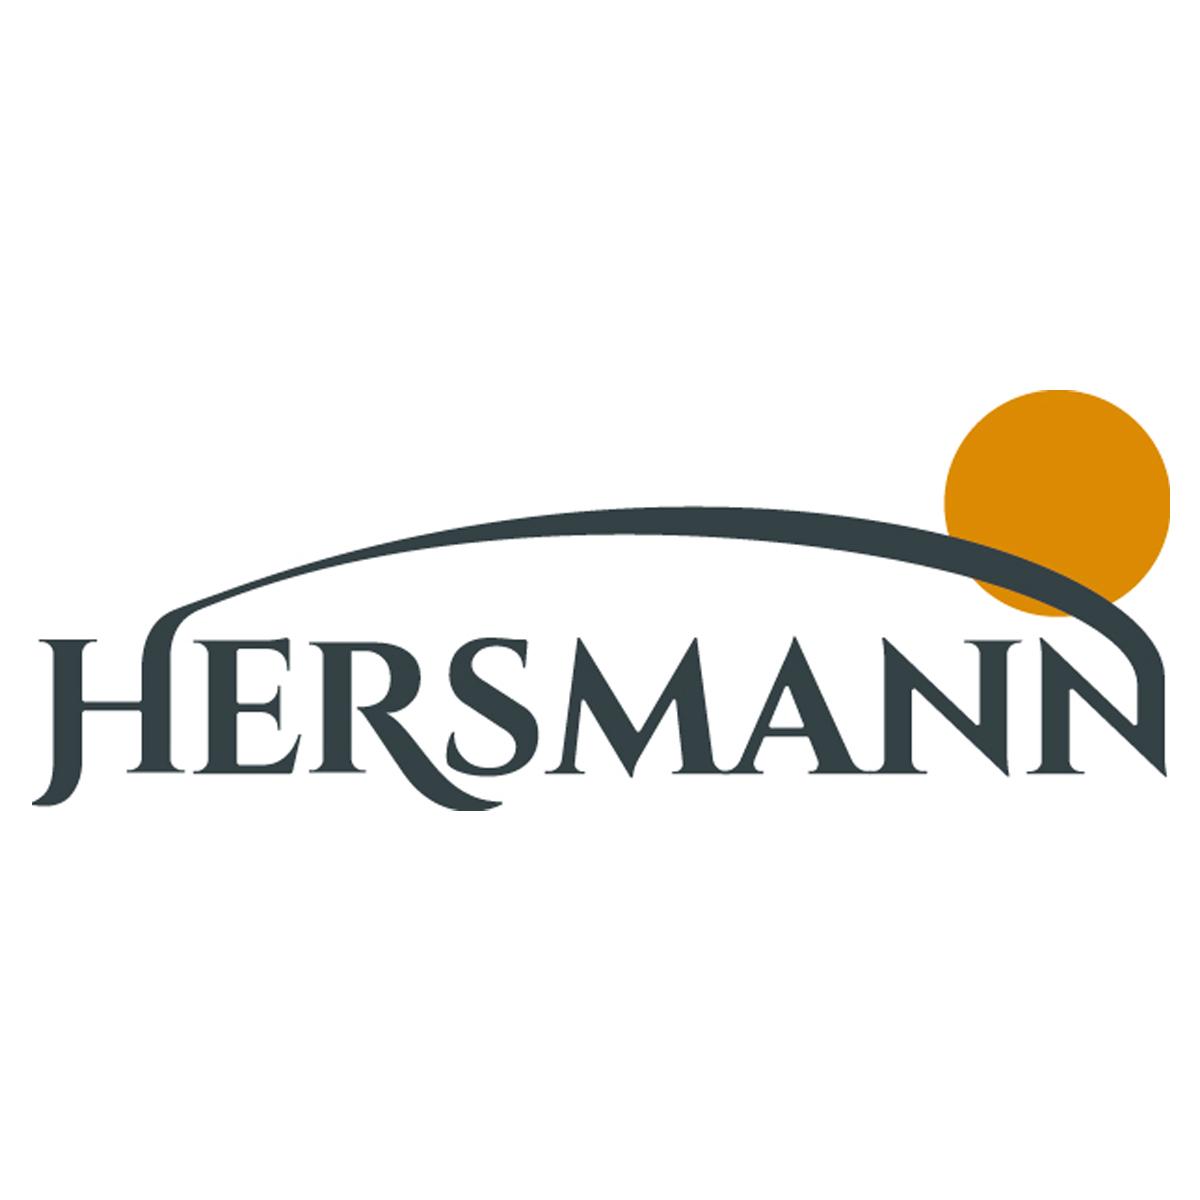 Hersmann - Logo